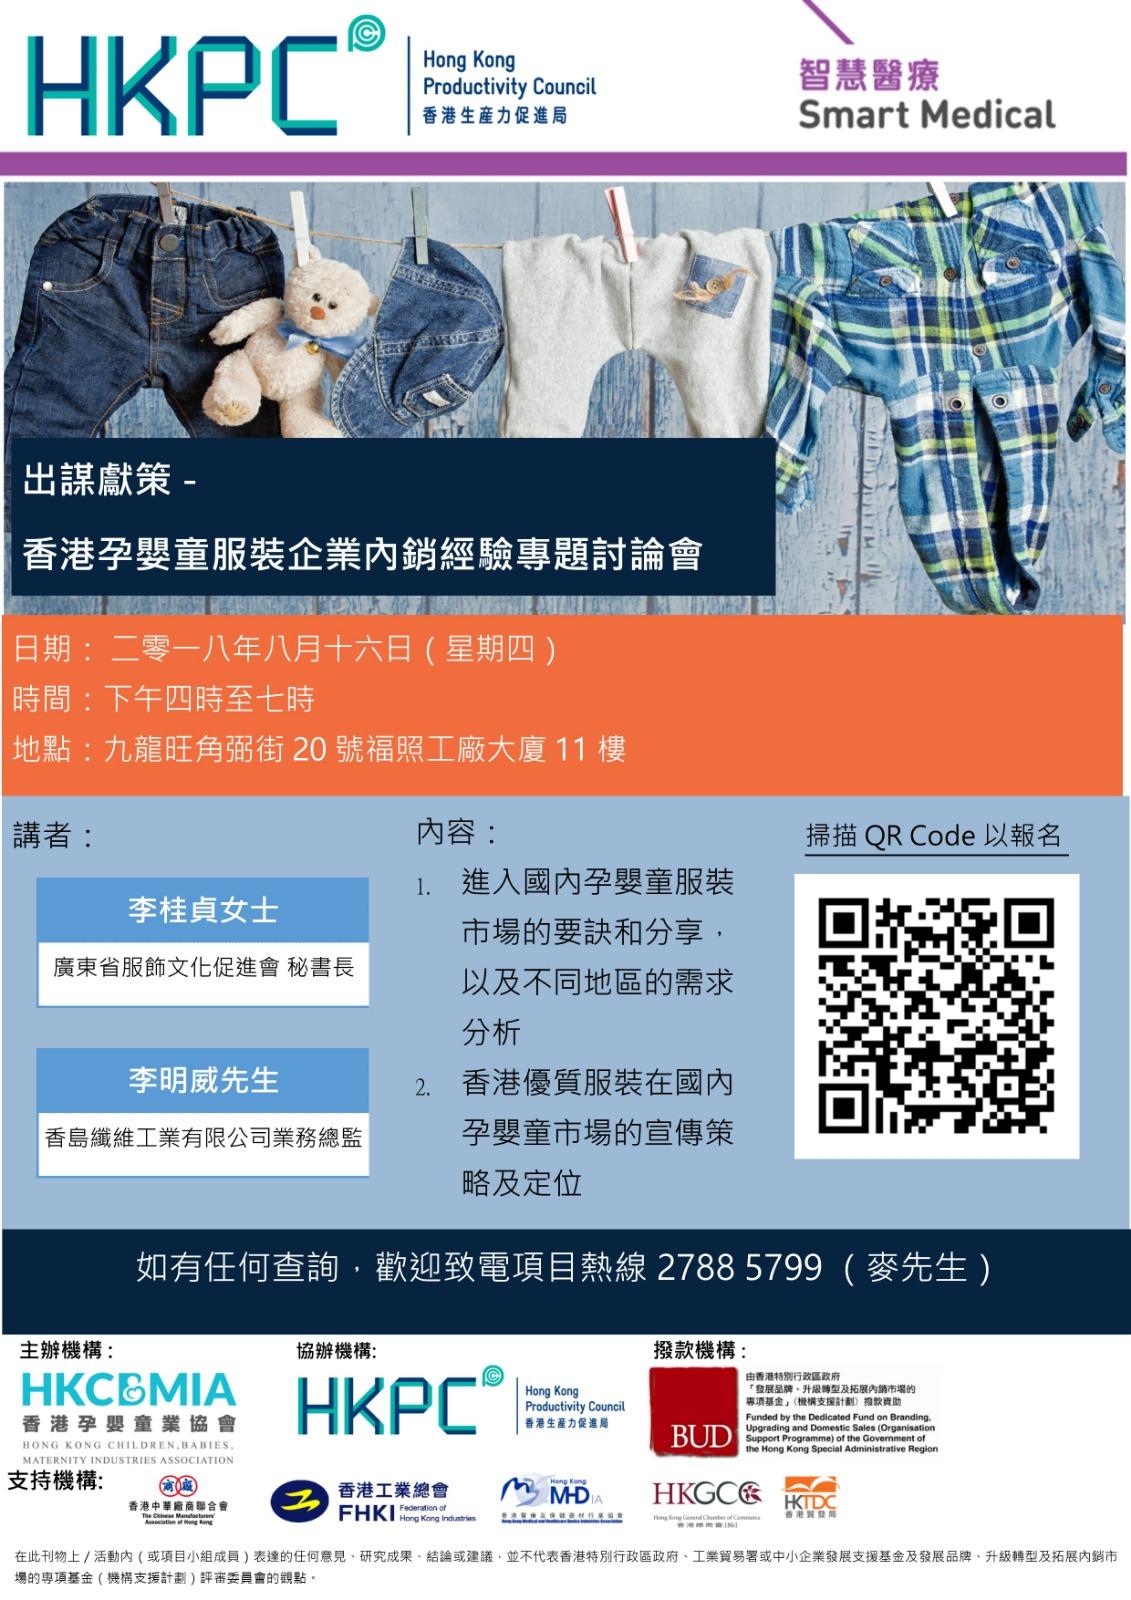 出謀獻策 – 香港孕嬰童服裝企業內銷經驗分享會